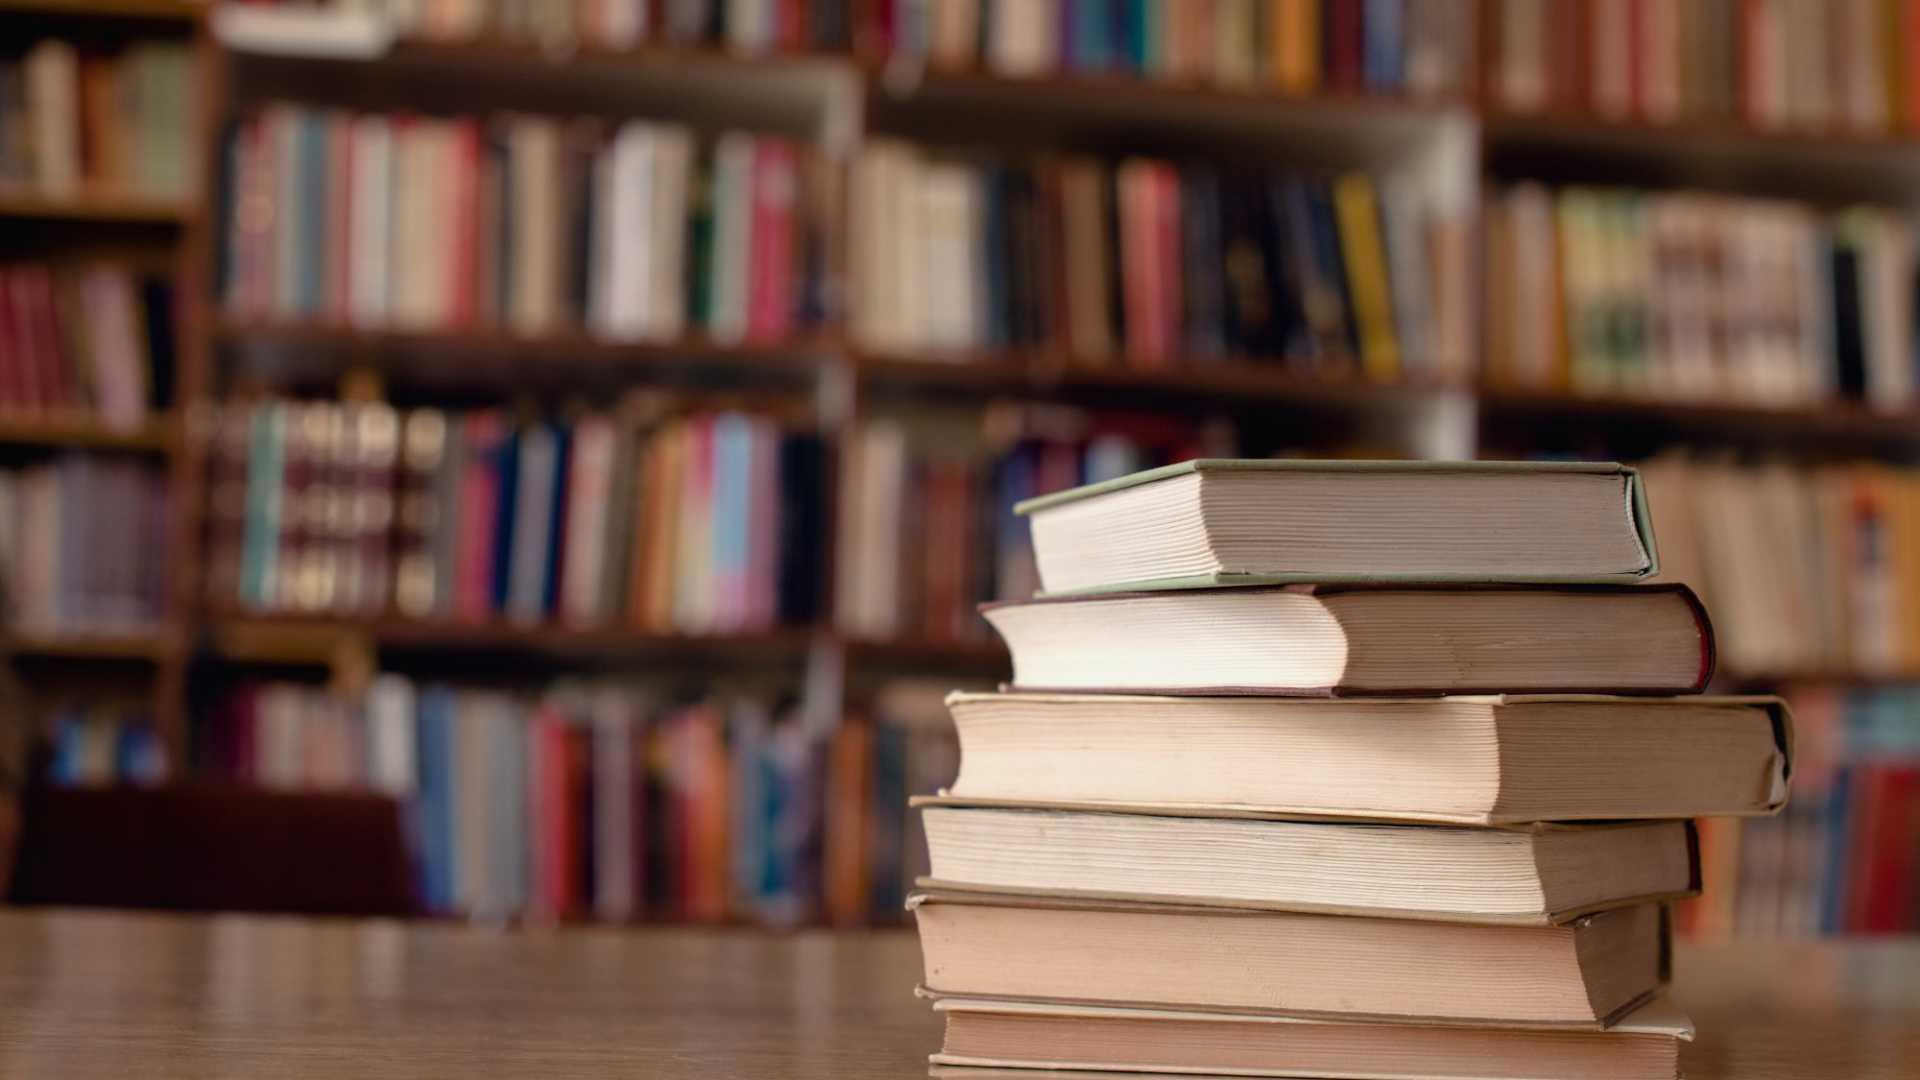 5 Books I'm Reading During Quarantine